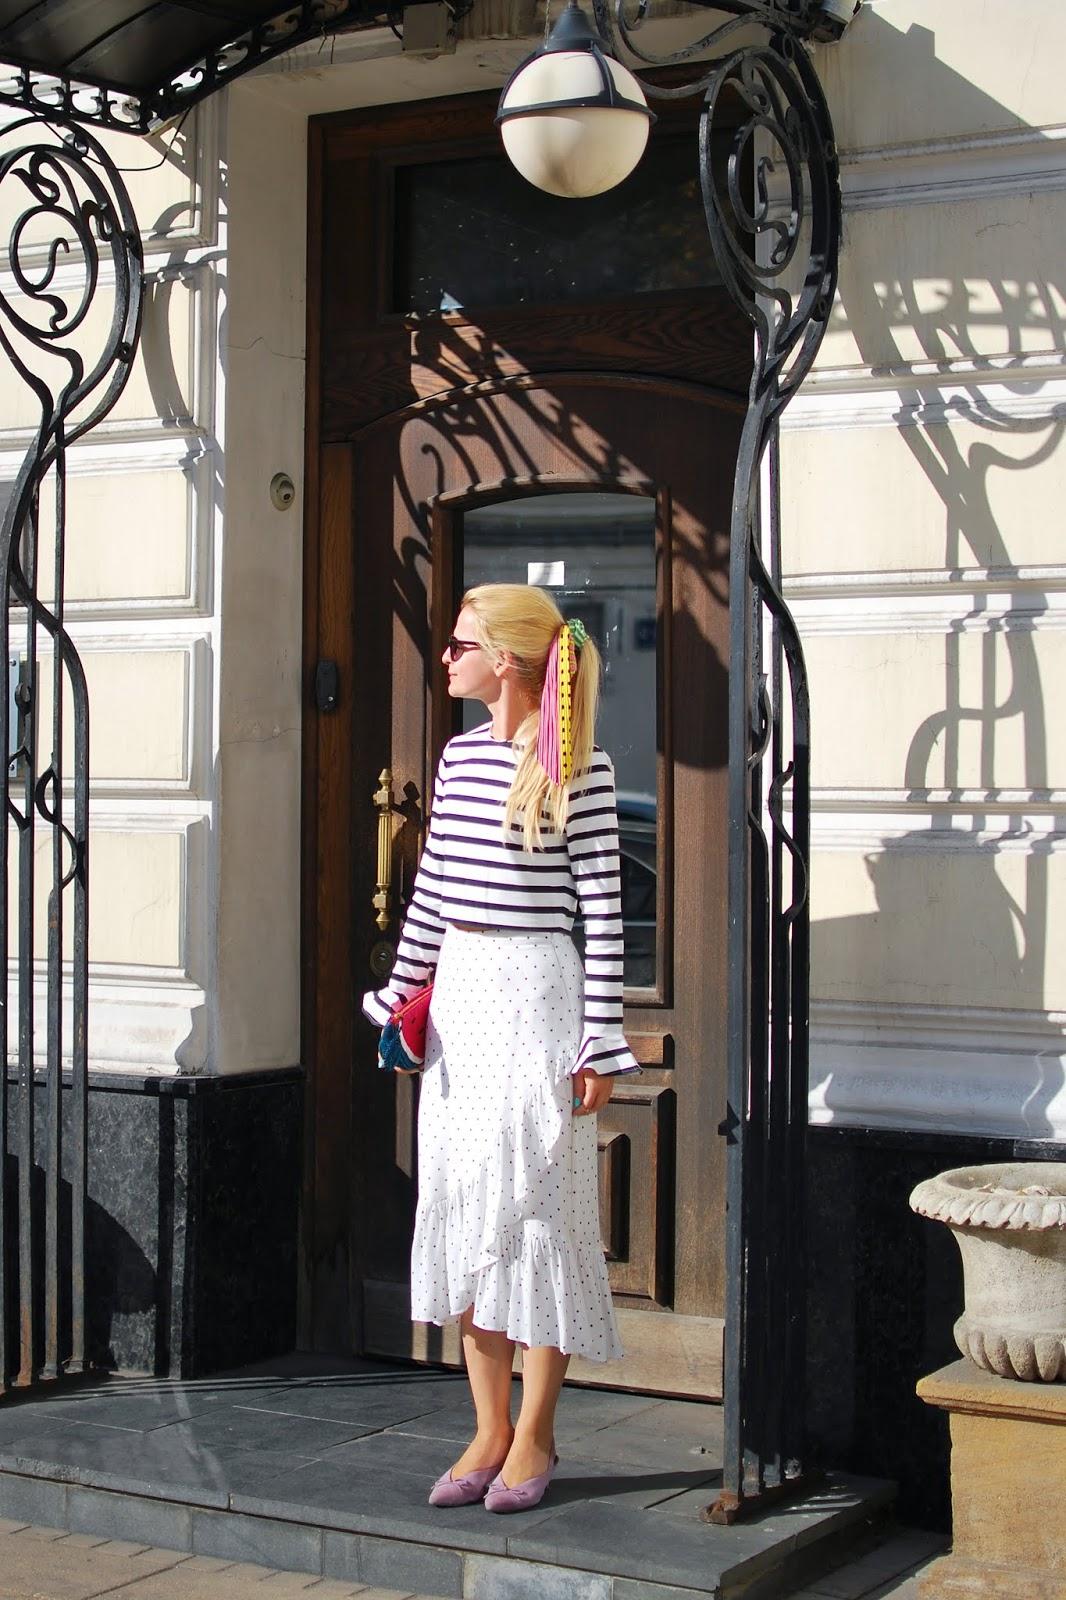 модные силуэты юбок 2018, модный летний образ с юбкой